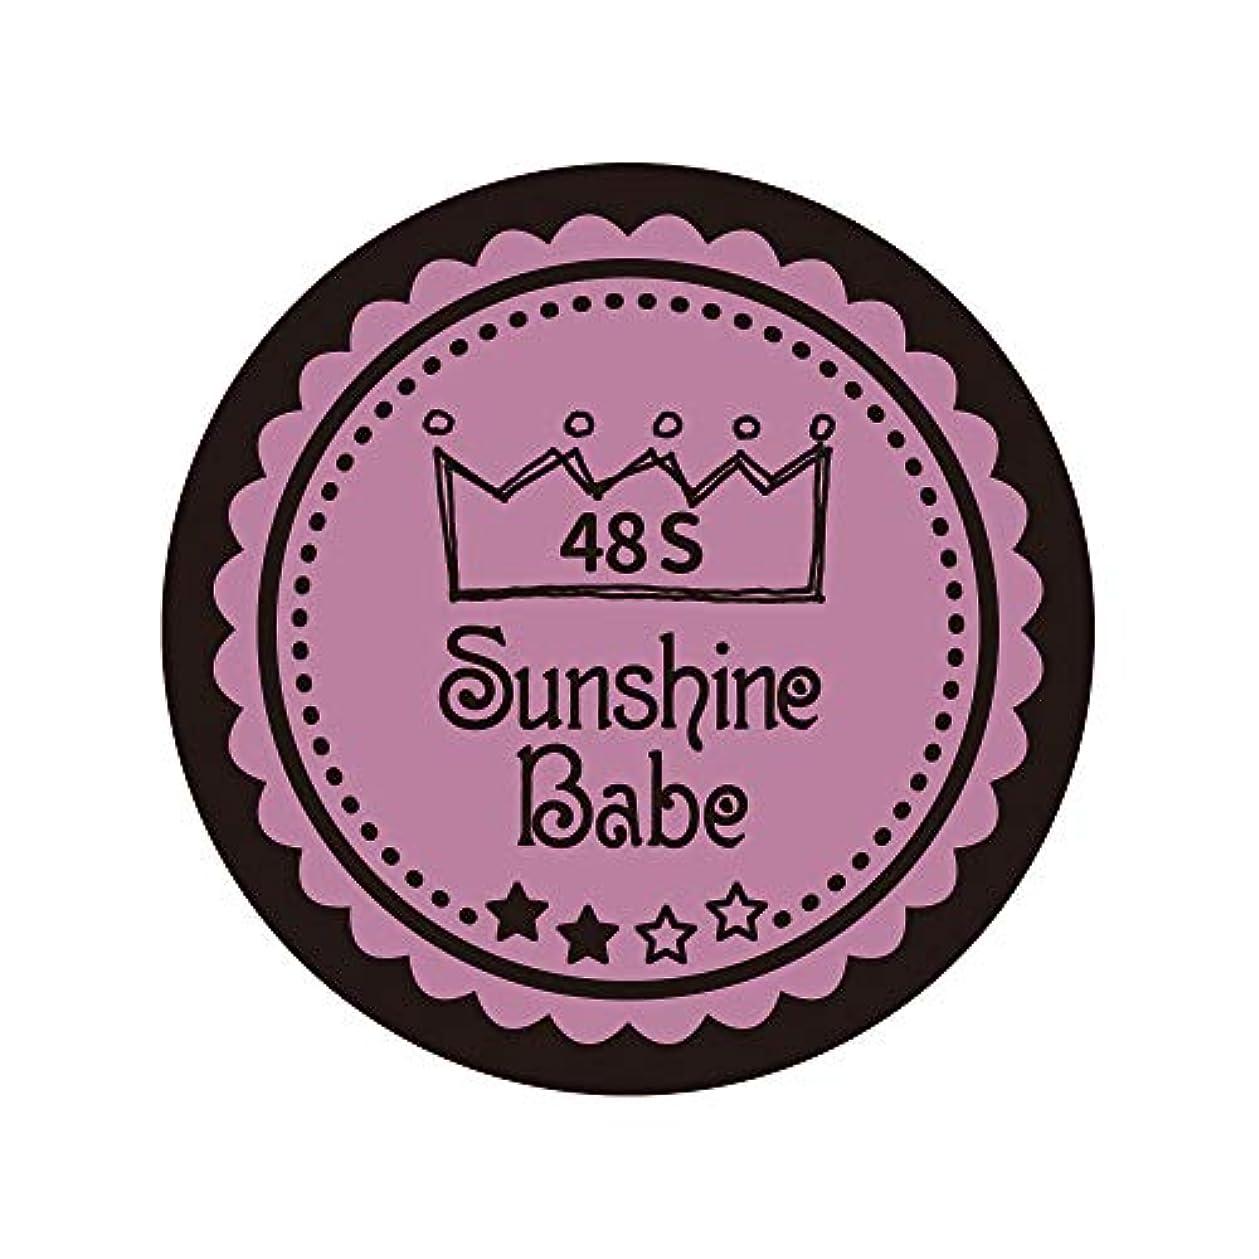 所有権トピックラフ睡眠Sunshine Babe カラージェル 48S ペールモーブ 2.7g UV/LED対応